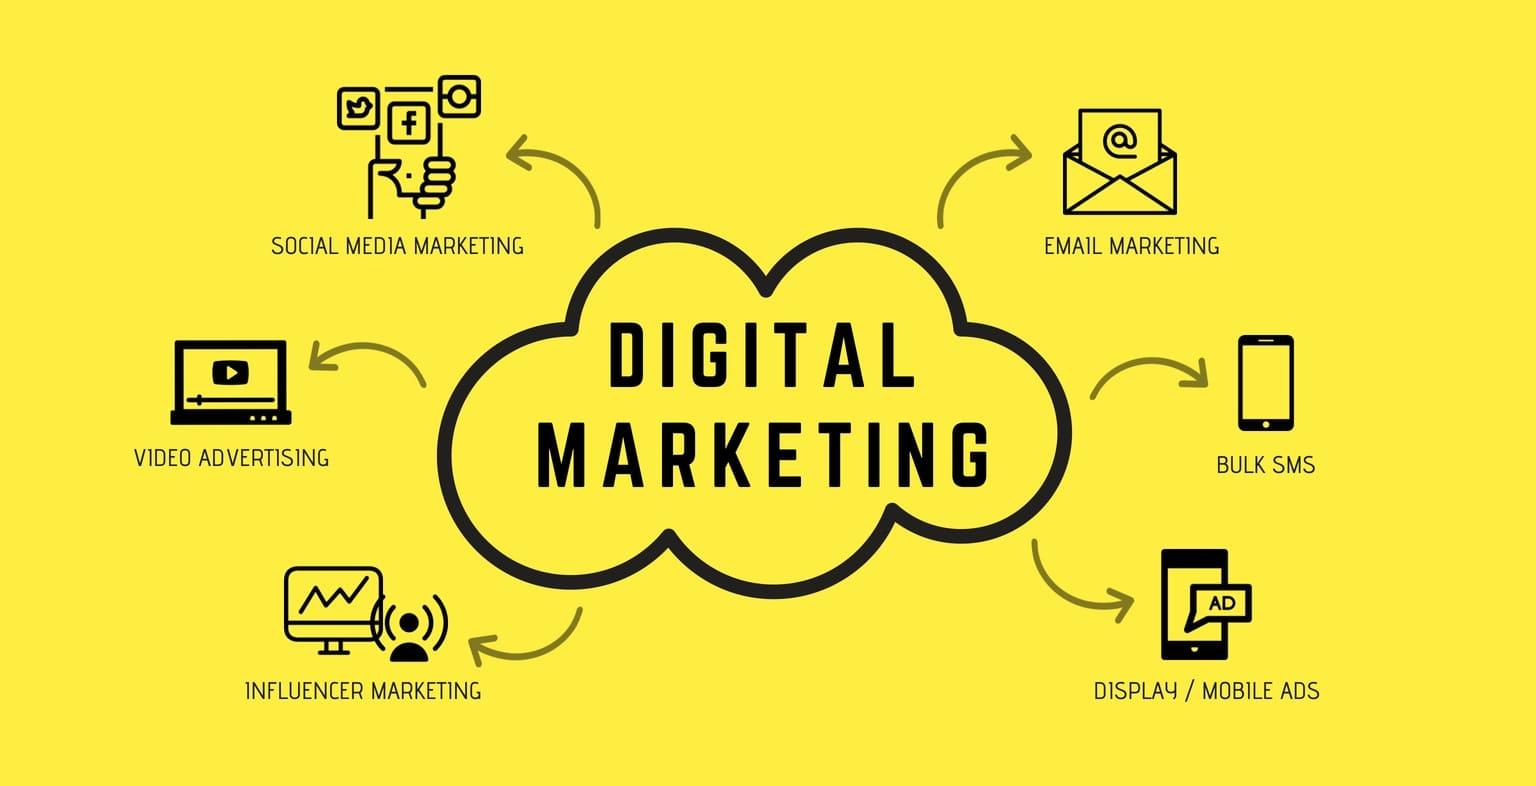 This week in Digital Marketing 2/21/2020